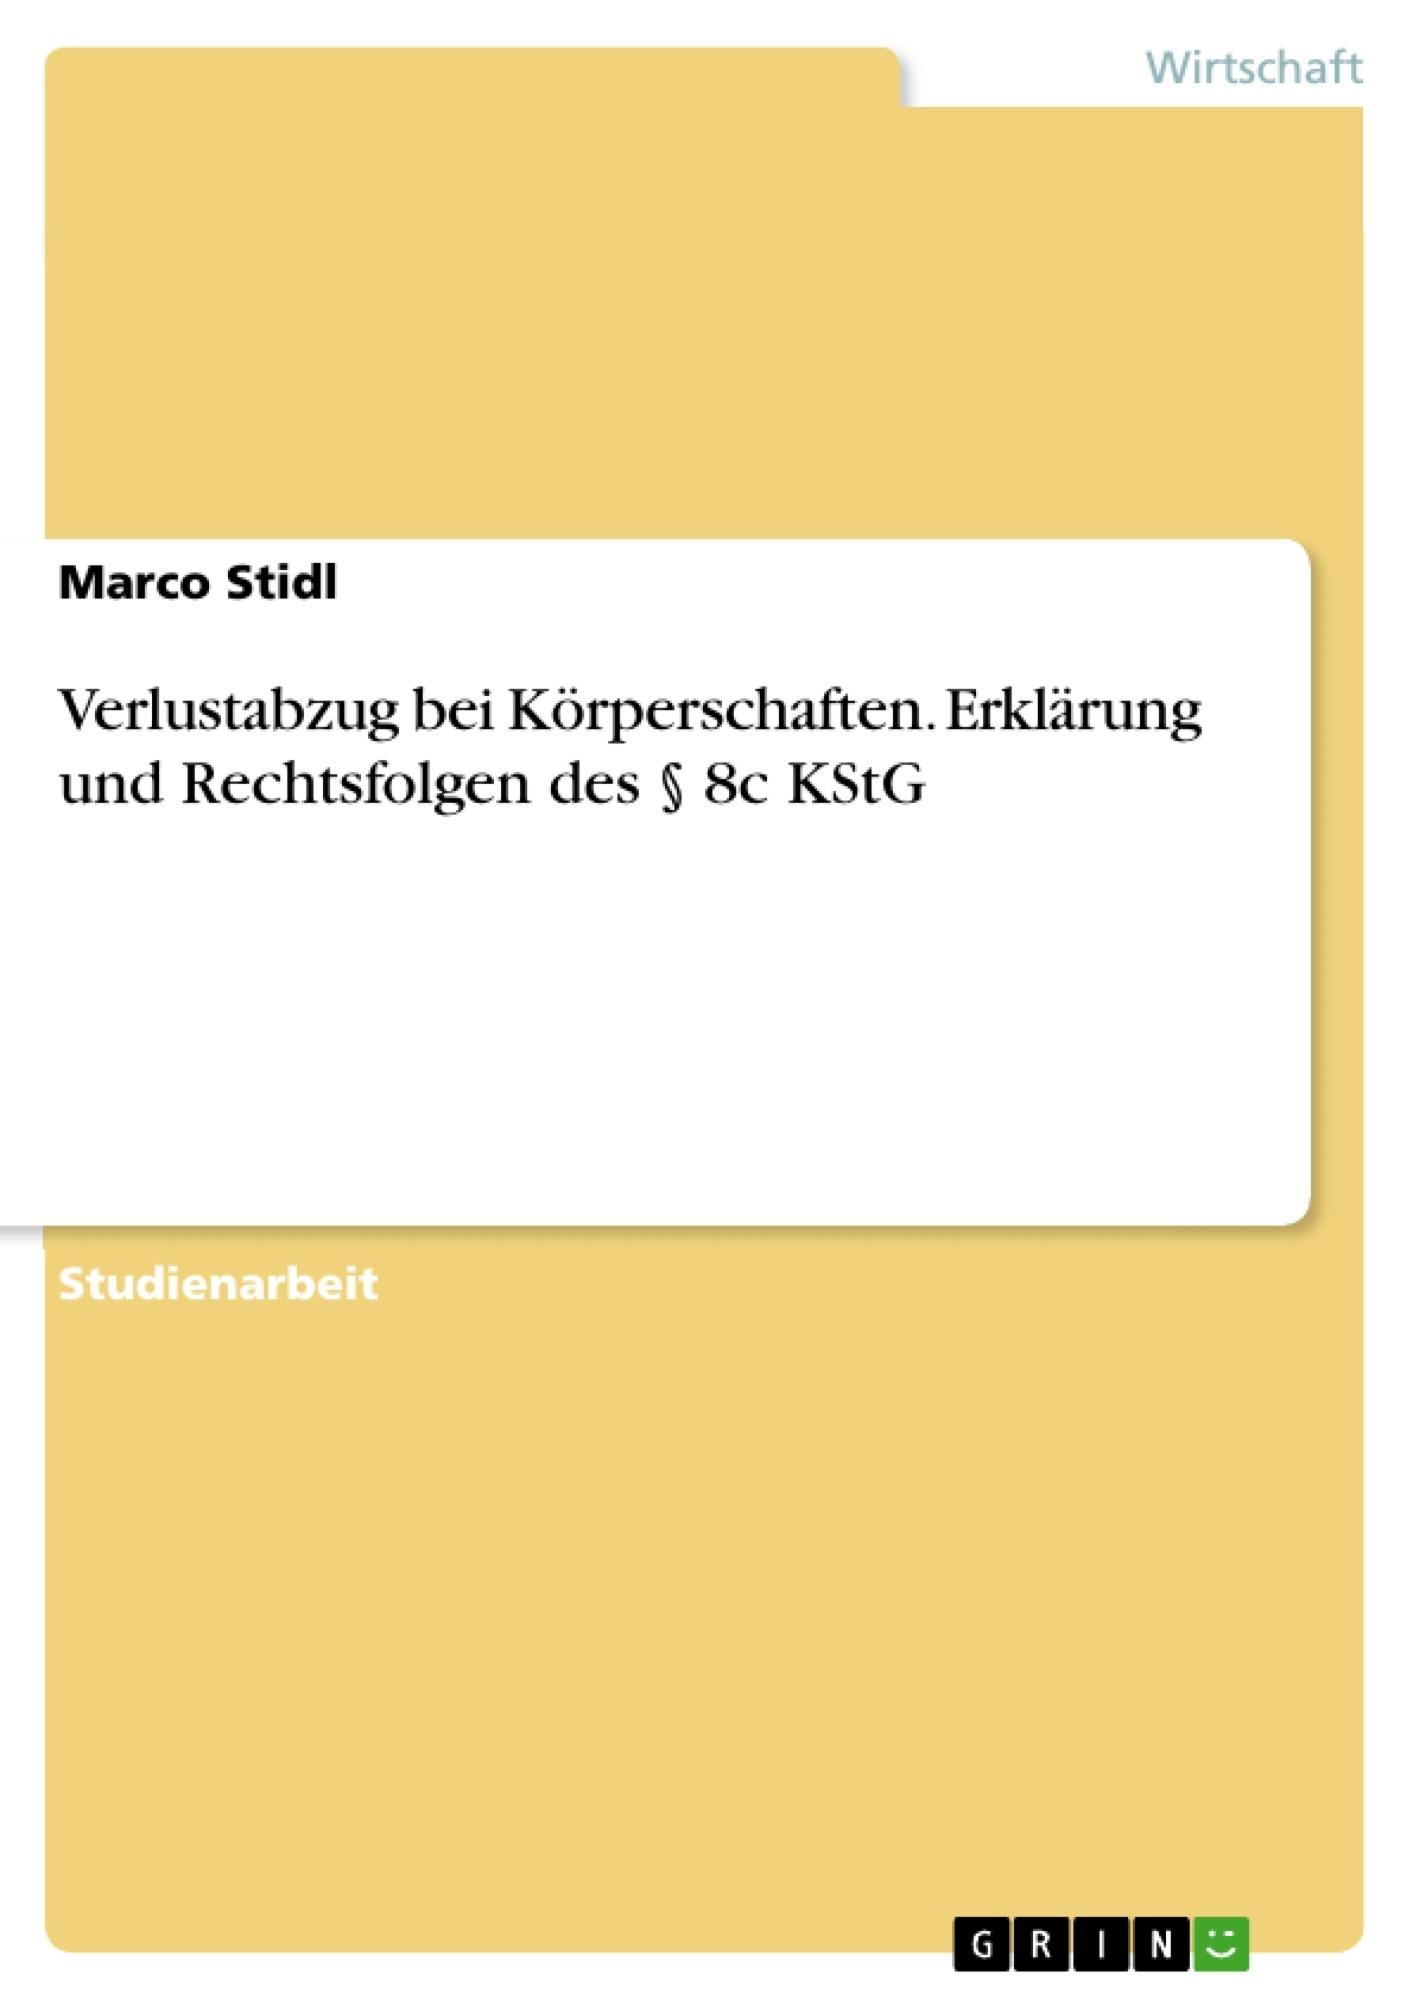 Titel: Verlustabzug bei Körperschaften. Erklärung und Rechtsfolgen des § 8c KStG